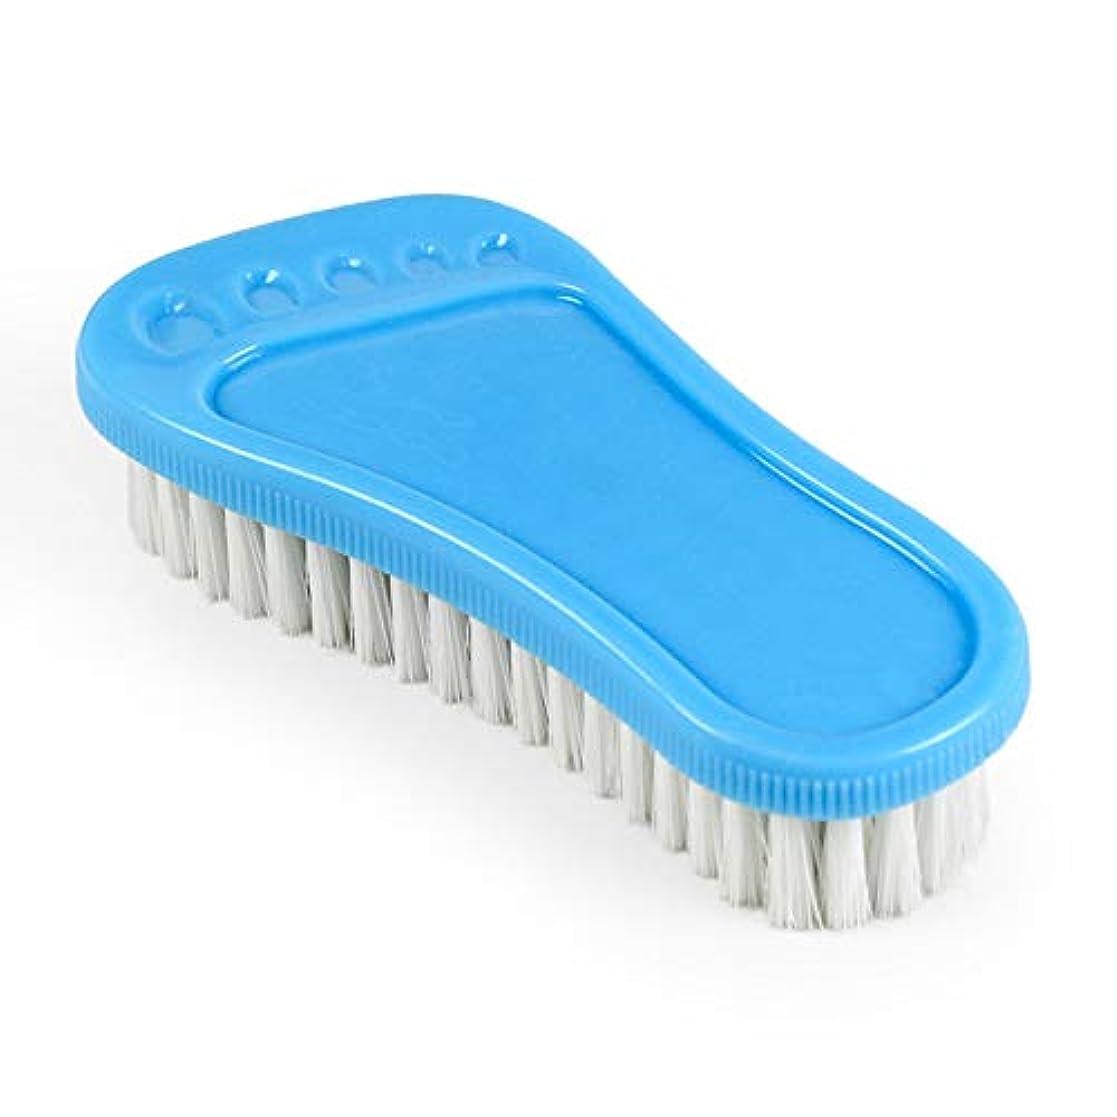 ビン差別開始ポアクリーニング 小さな足首プラスチックの柔らかい髪多目的靴のブラシ洗面器のブラシのクリーニングブラシバスのブラシ2 PCS マッサージブラシ